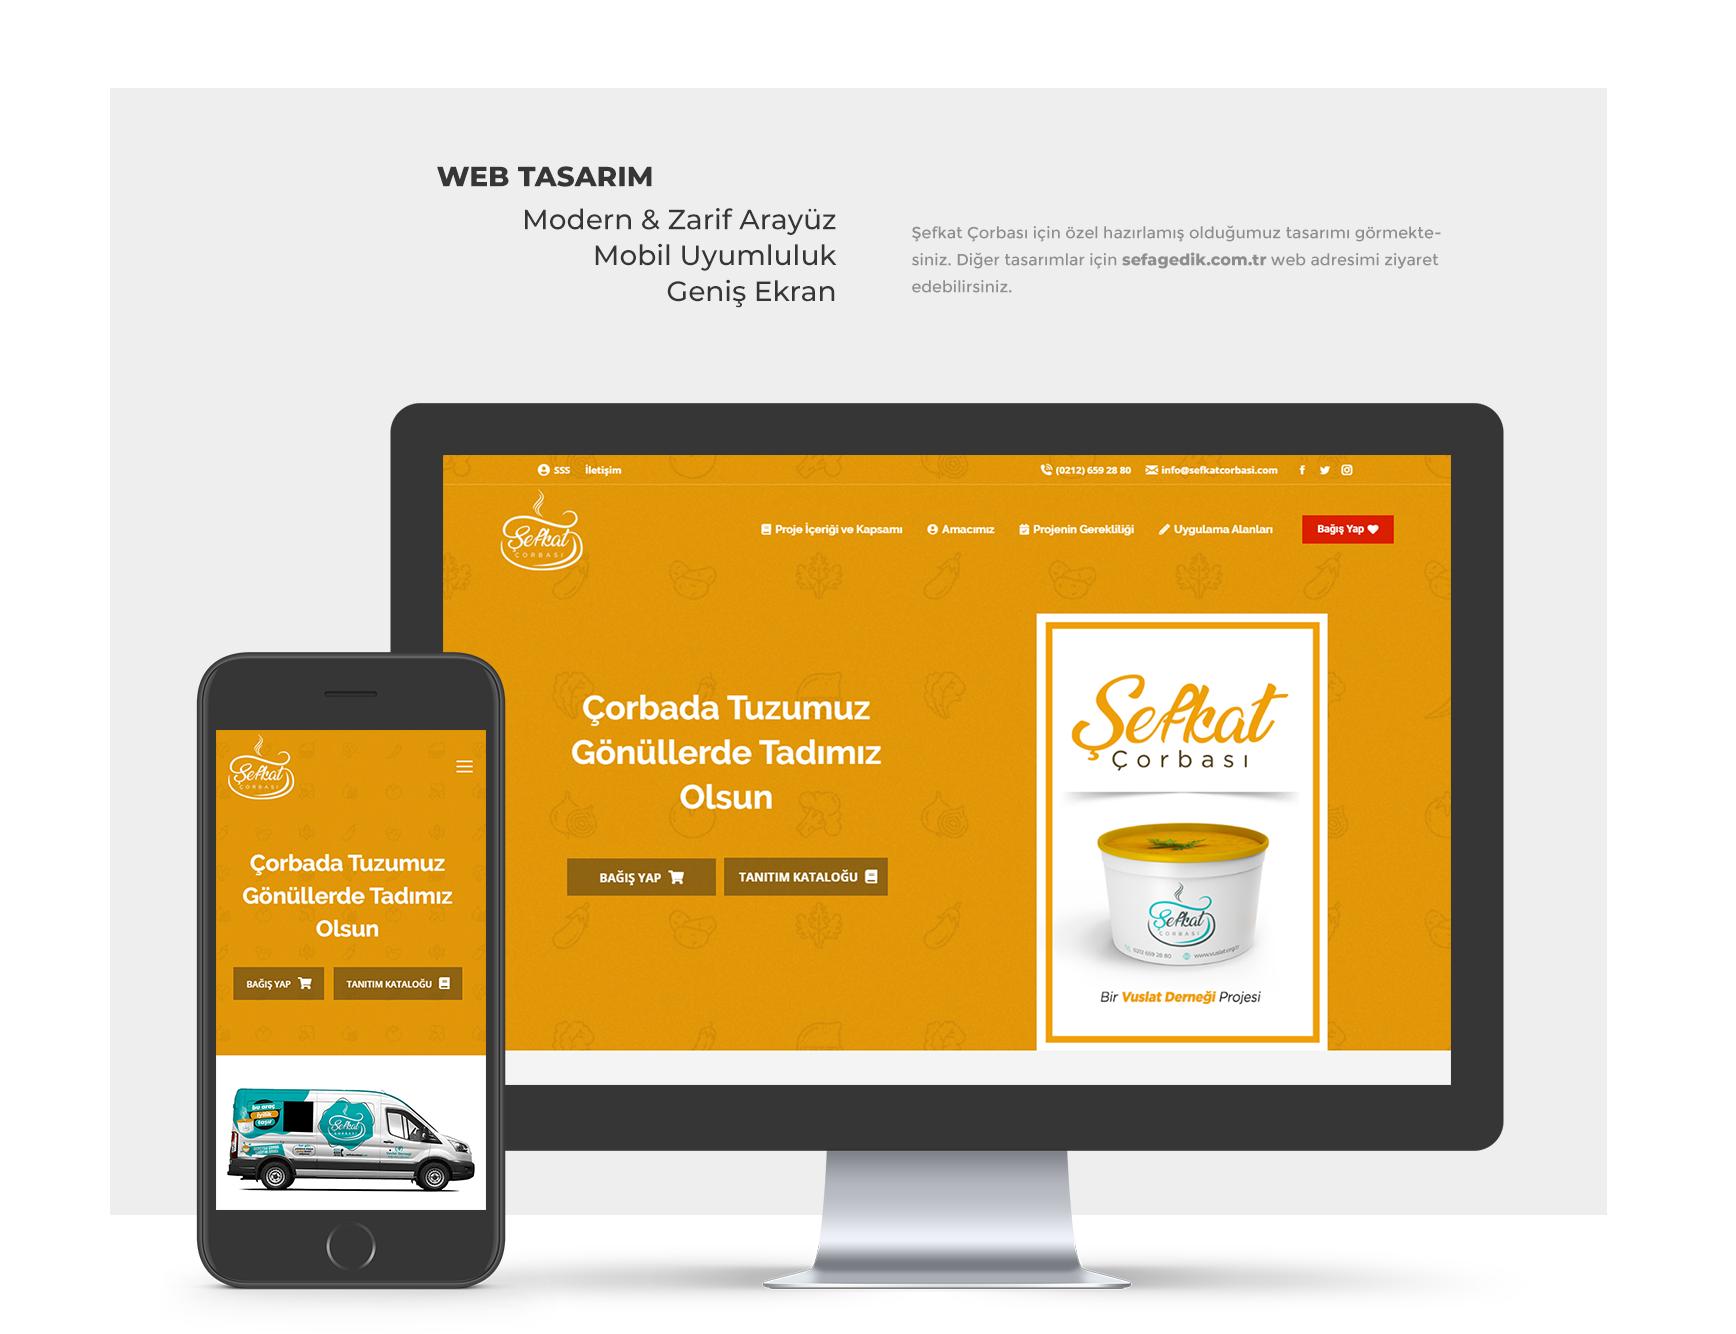 Şefkat Çorbası - Web Tasarım Arayüz Sefa Gedik